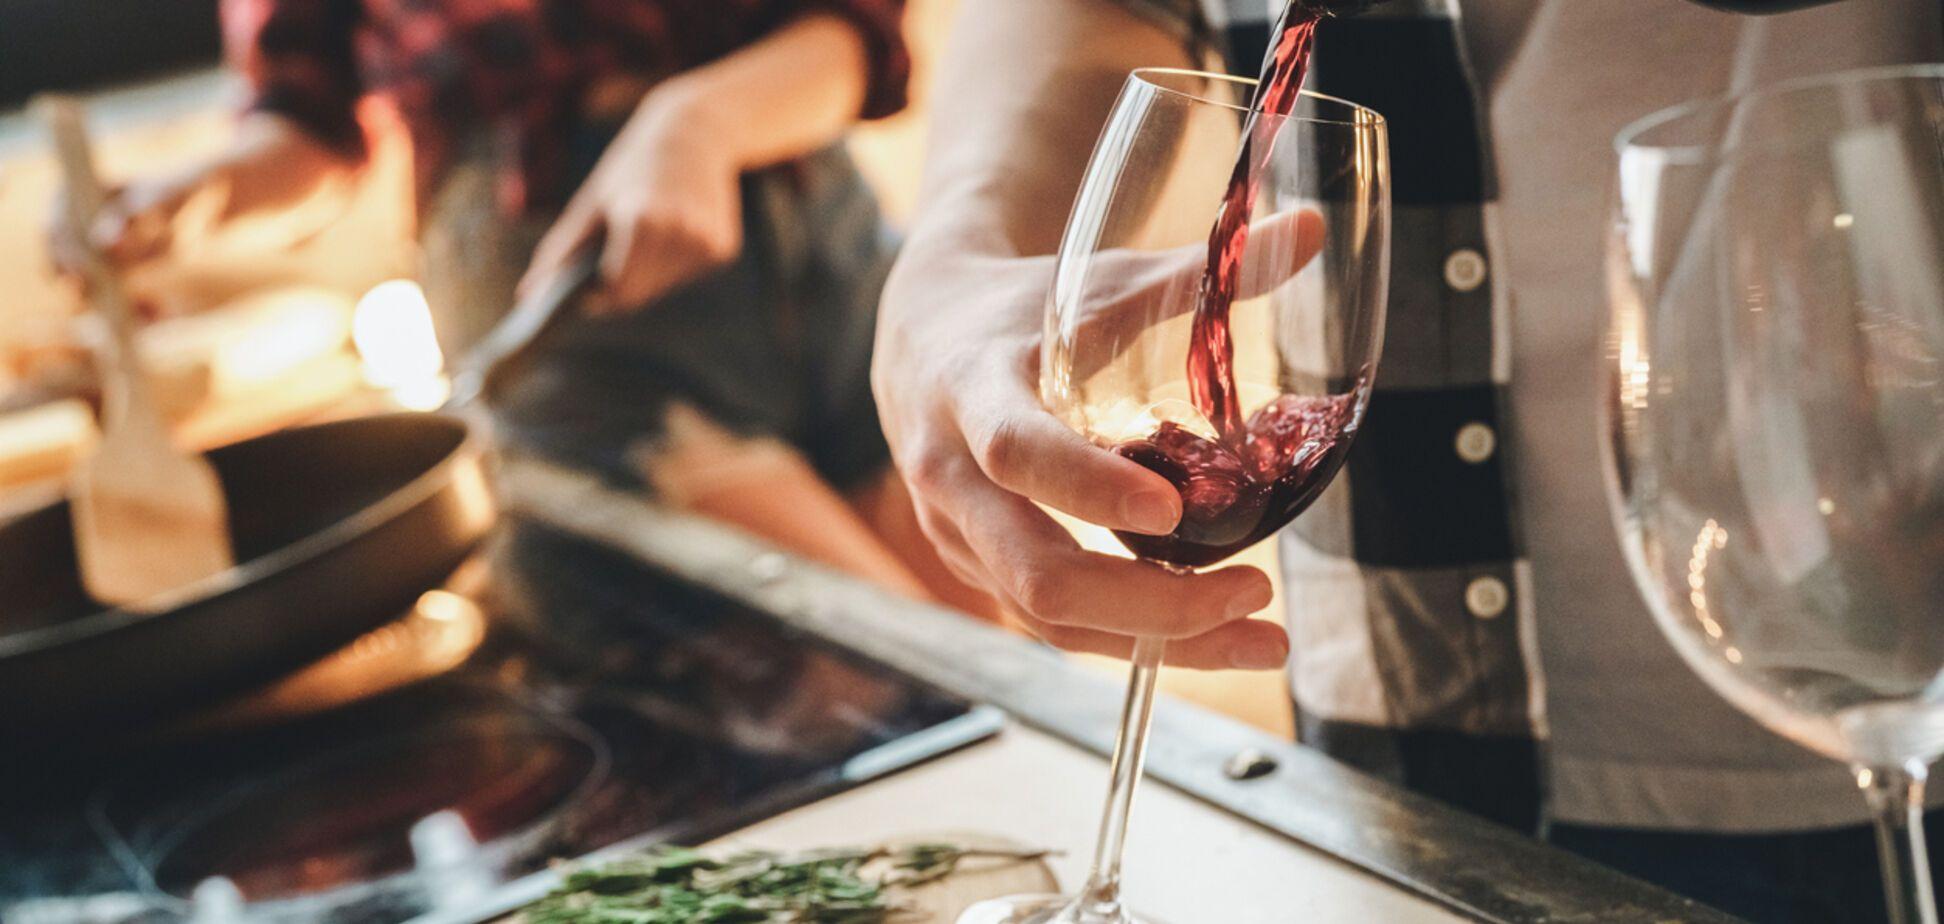 Учені знайшли нову користь алкоголю: для жінок і чоловіків умови різні